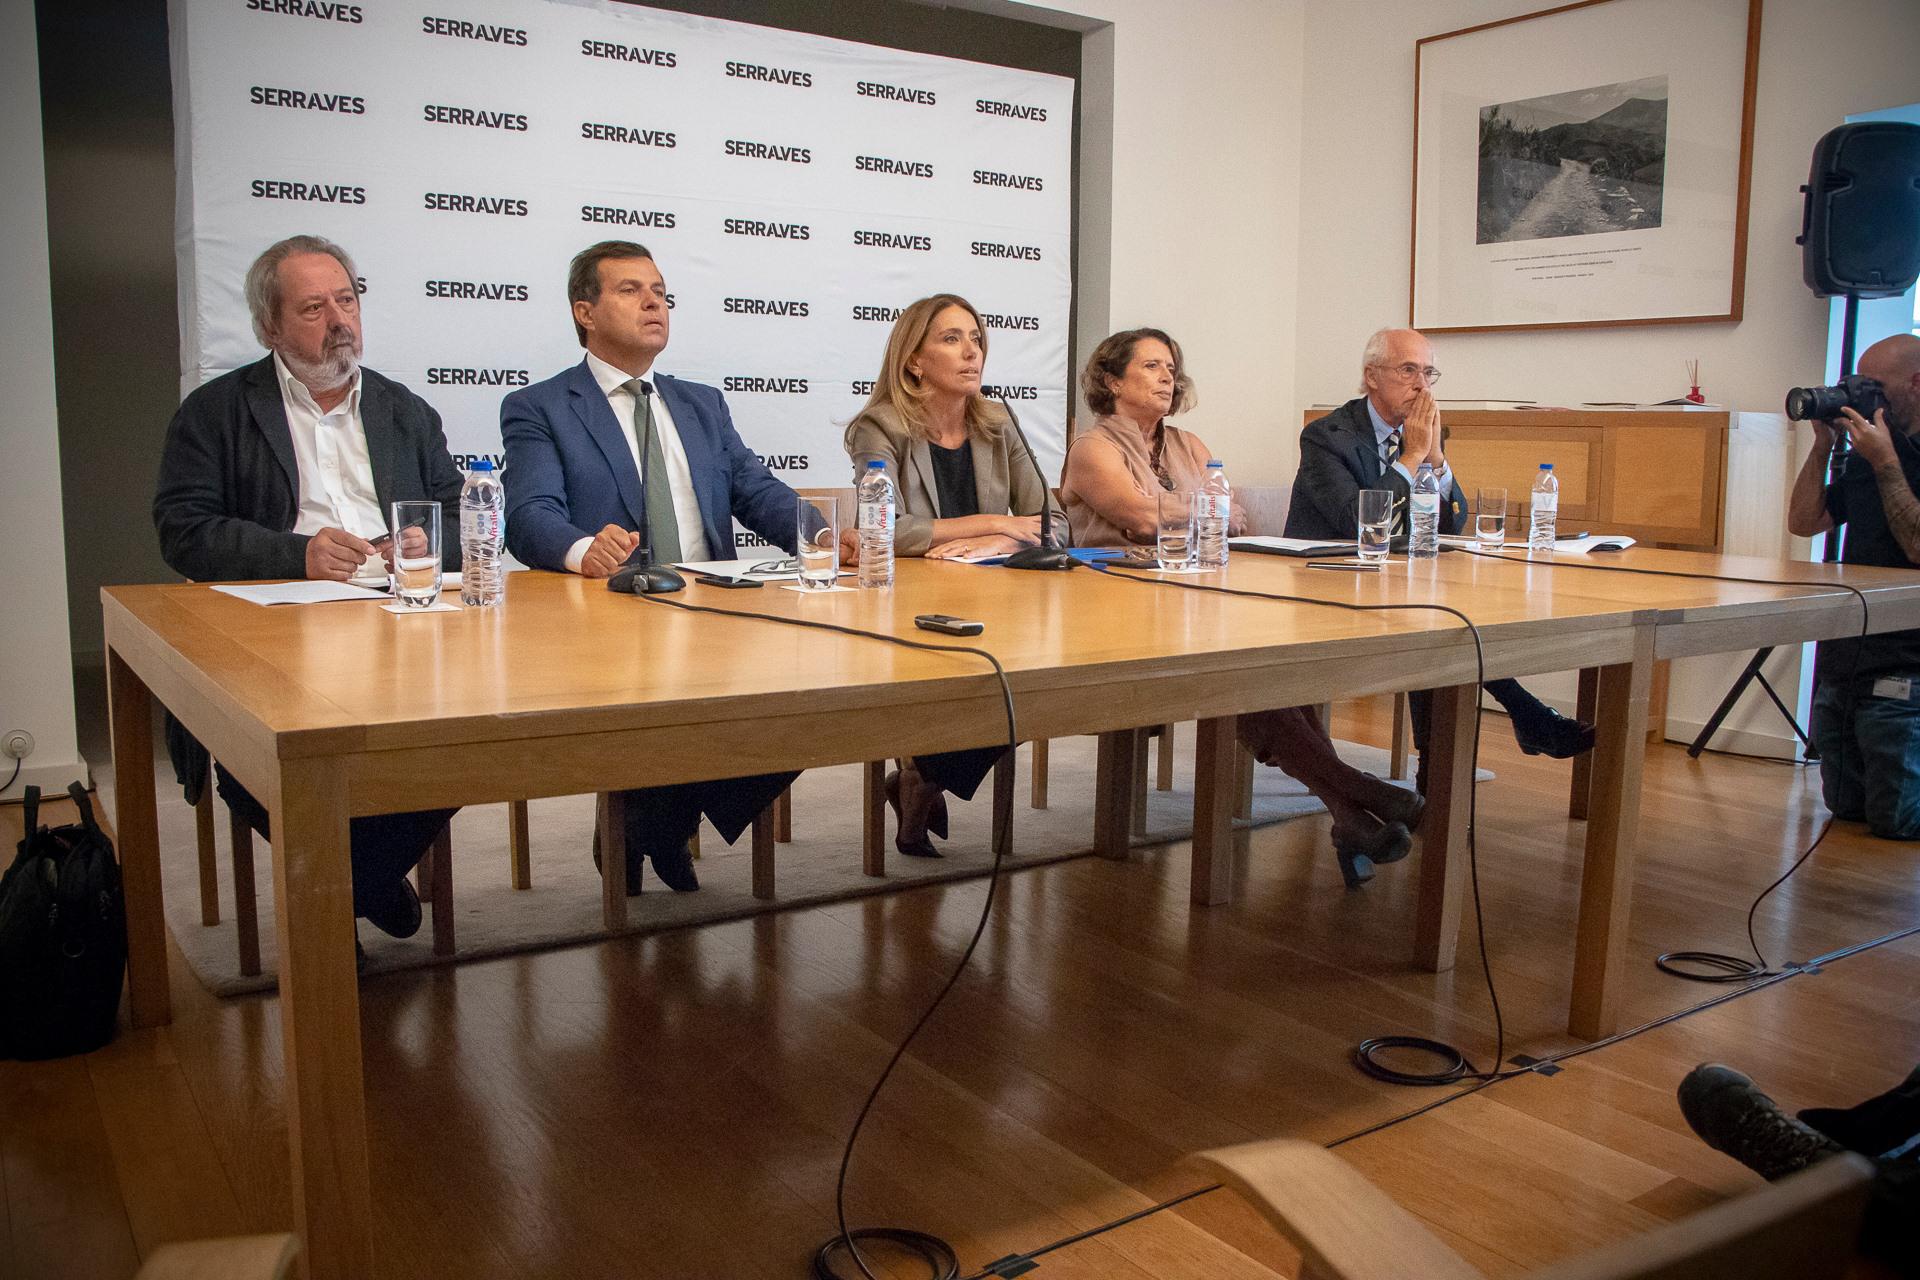 Conselho de Administração na conferência de imprensa desta quarta-feira.